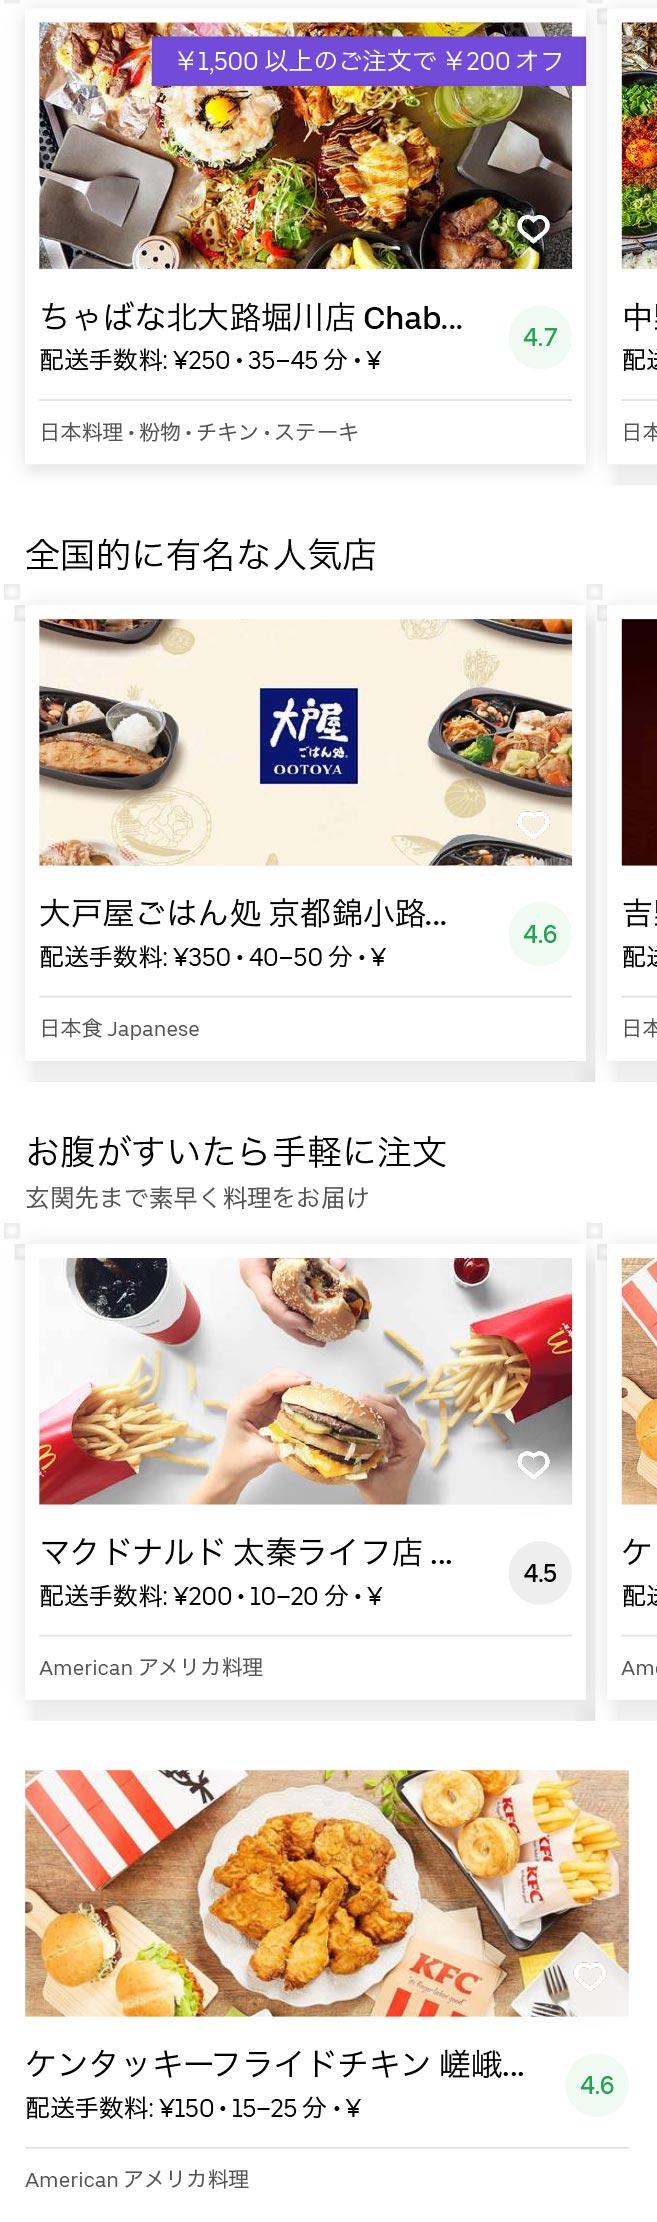 Kyoto hanazono menu 2005 01